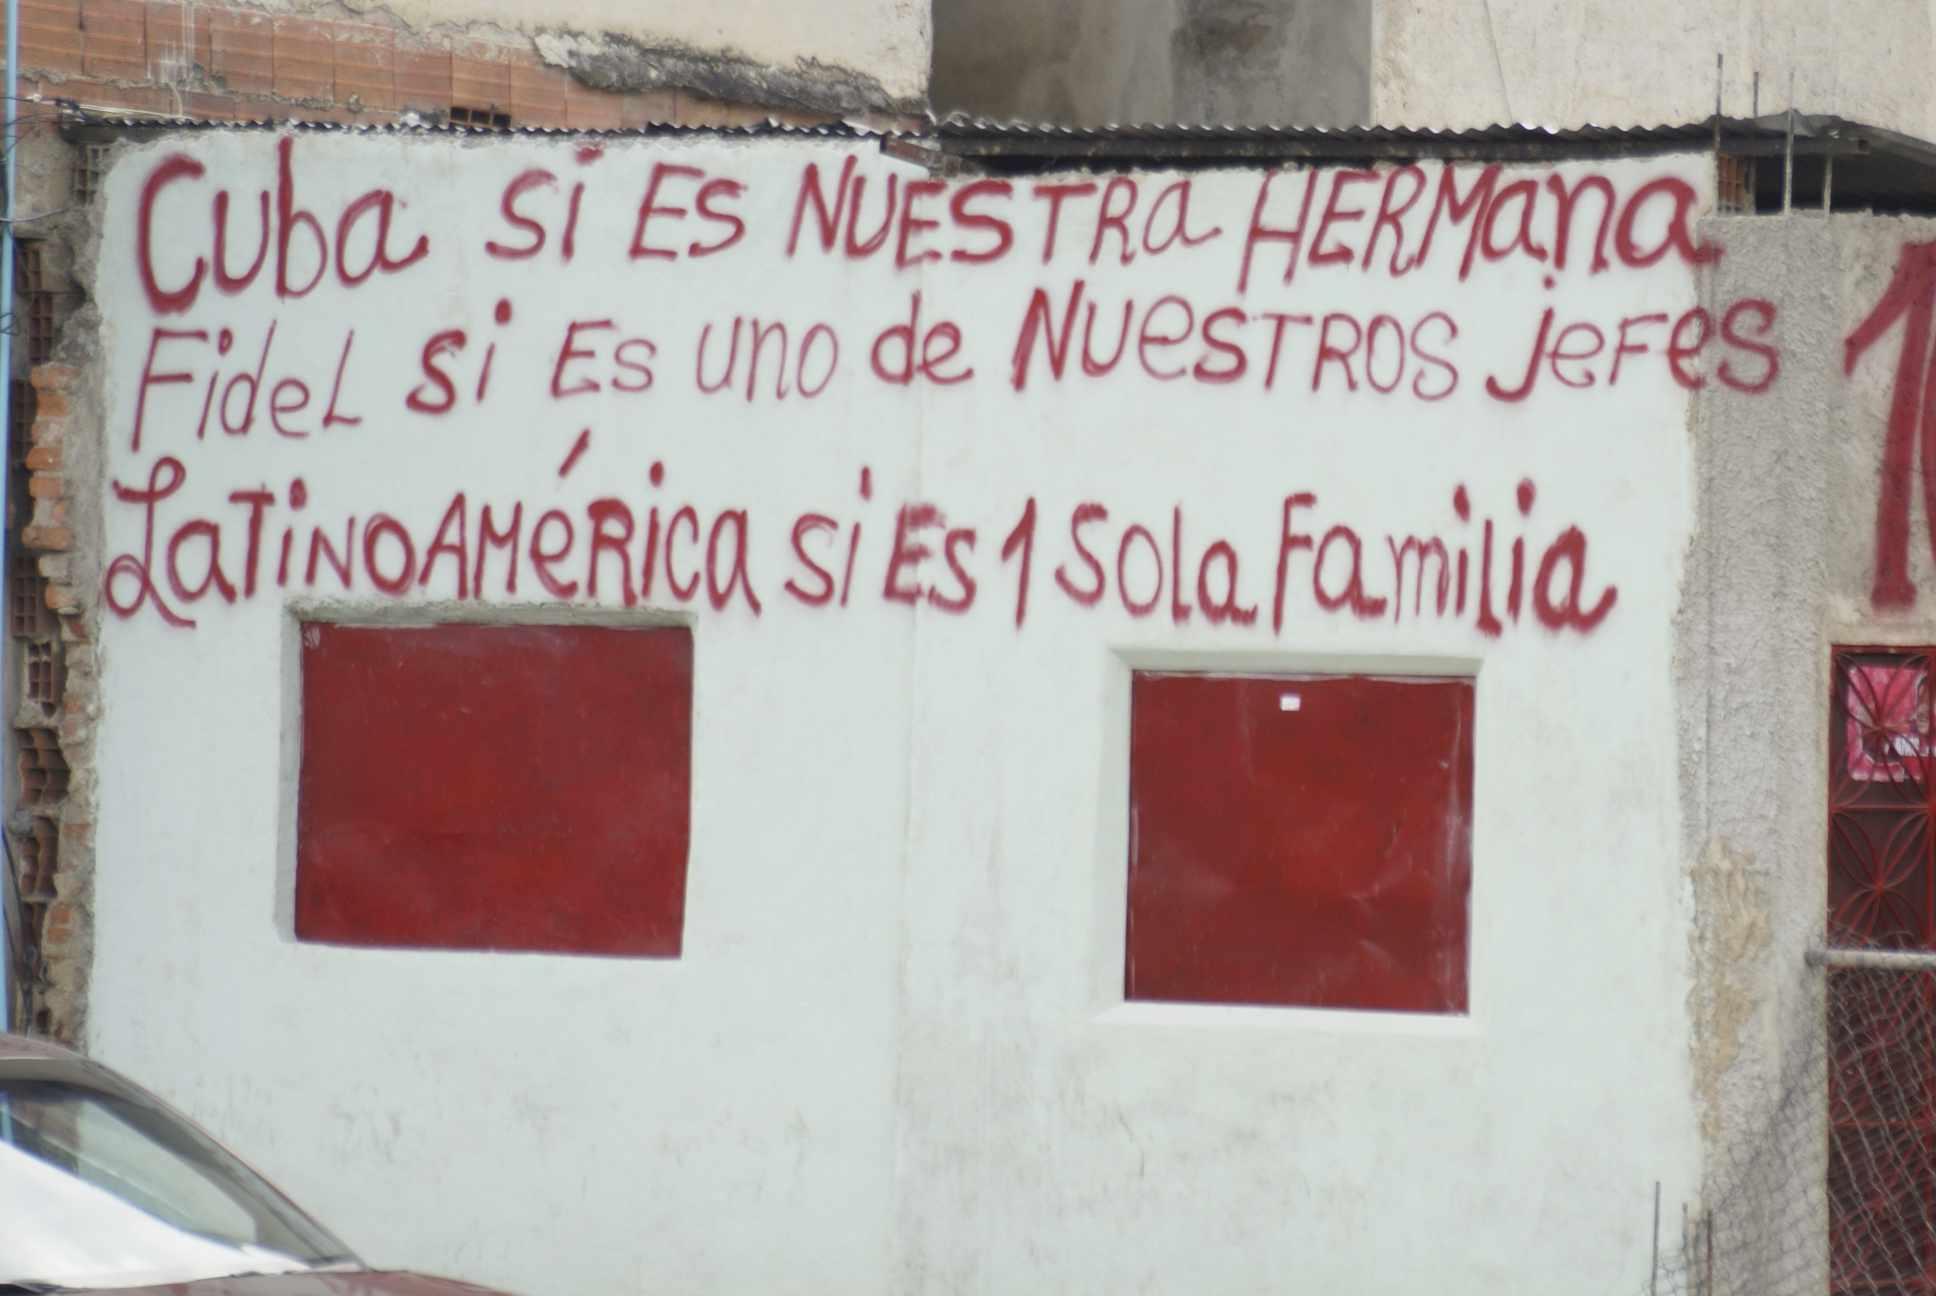 Venezuela - Cuba es nuestra hermana